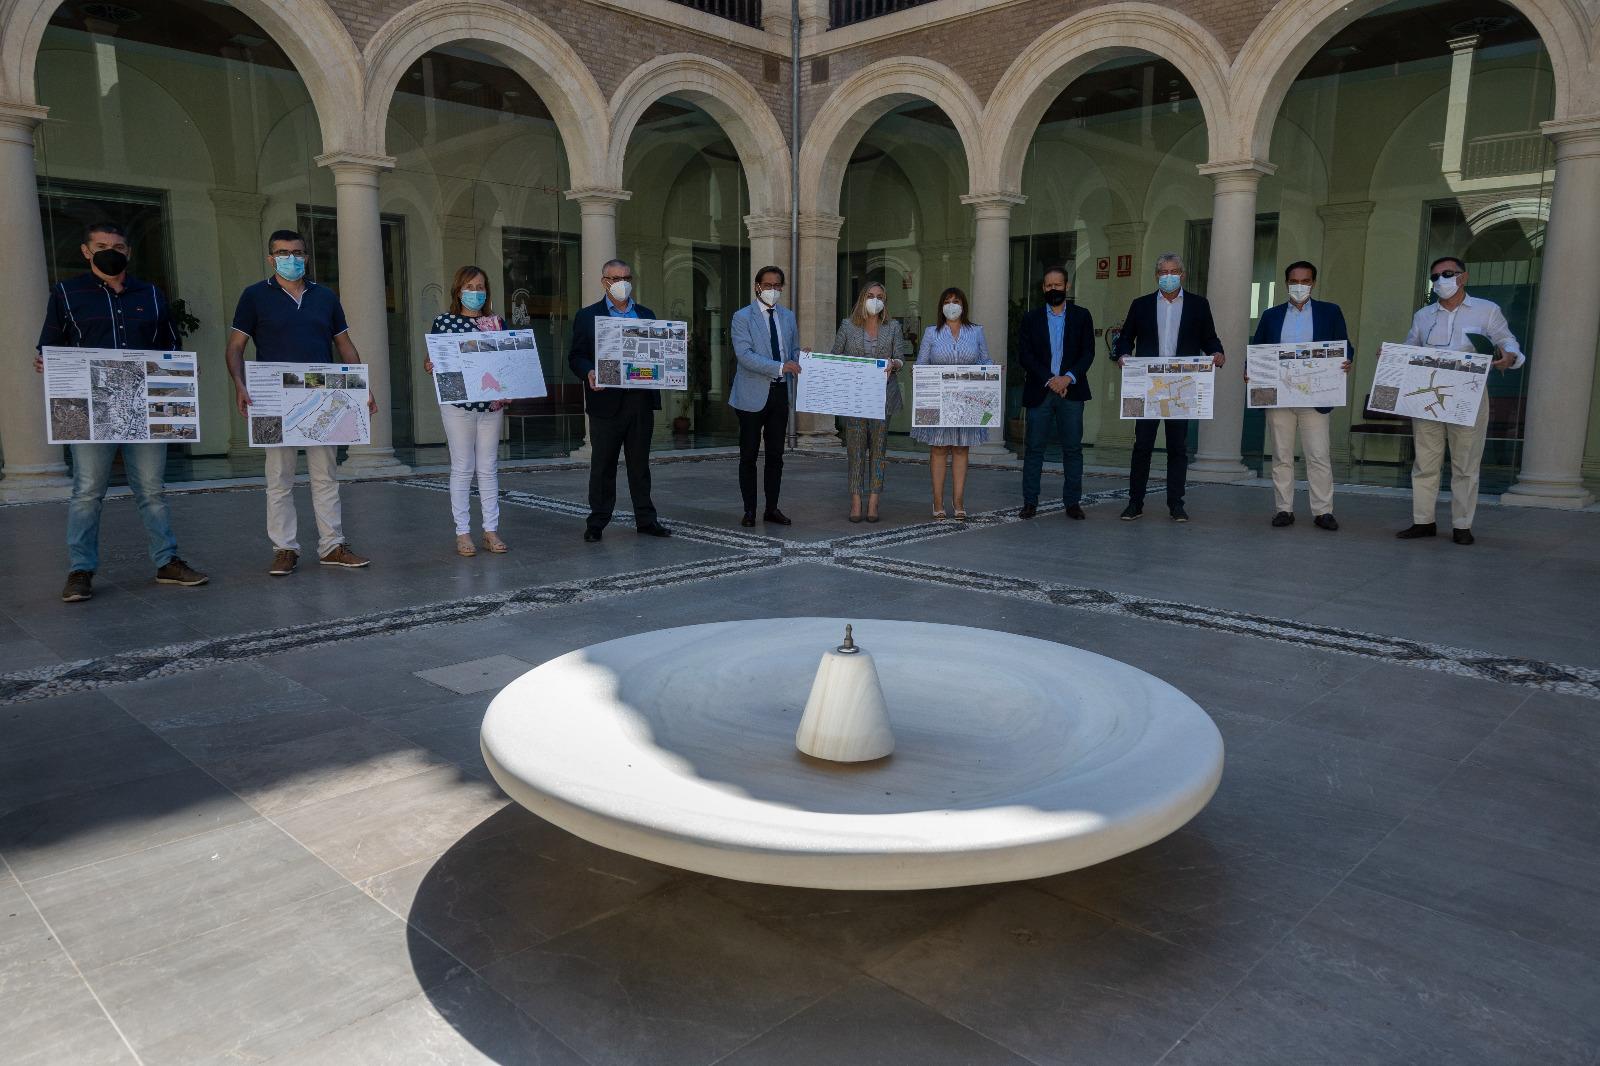 La Junta invertirá 1,4 millones en la regeneración de calles y plazas de siete municipios granadinos